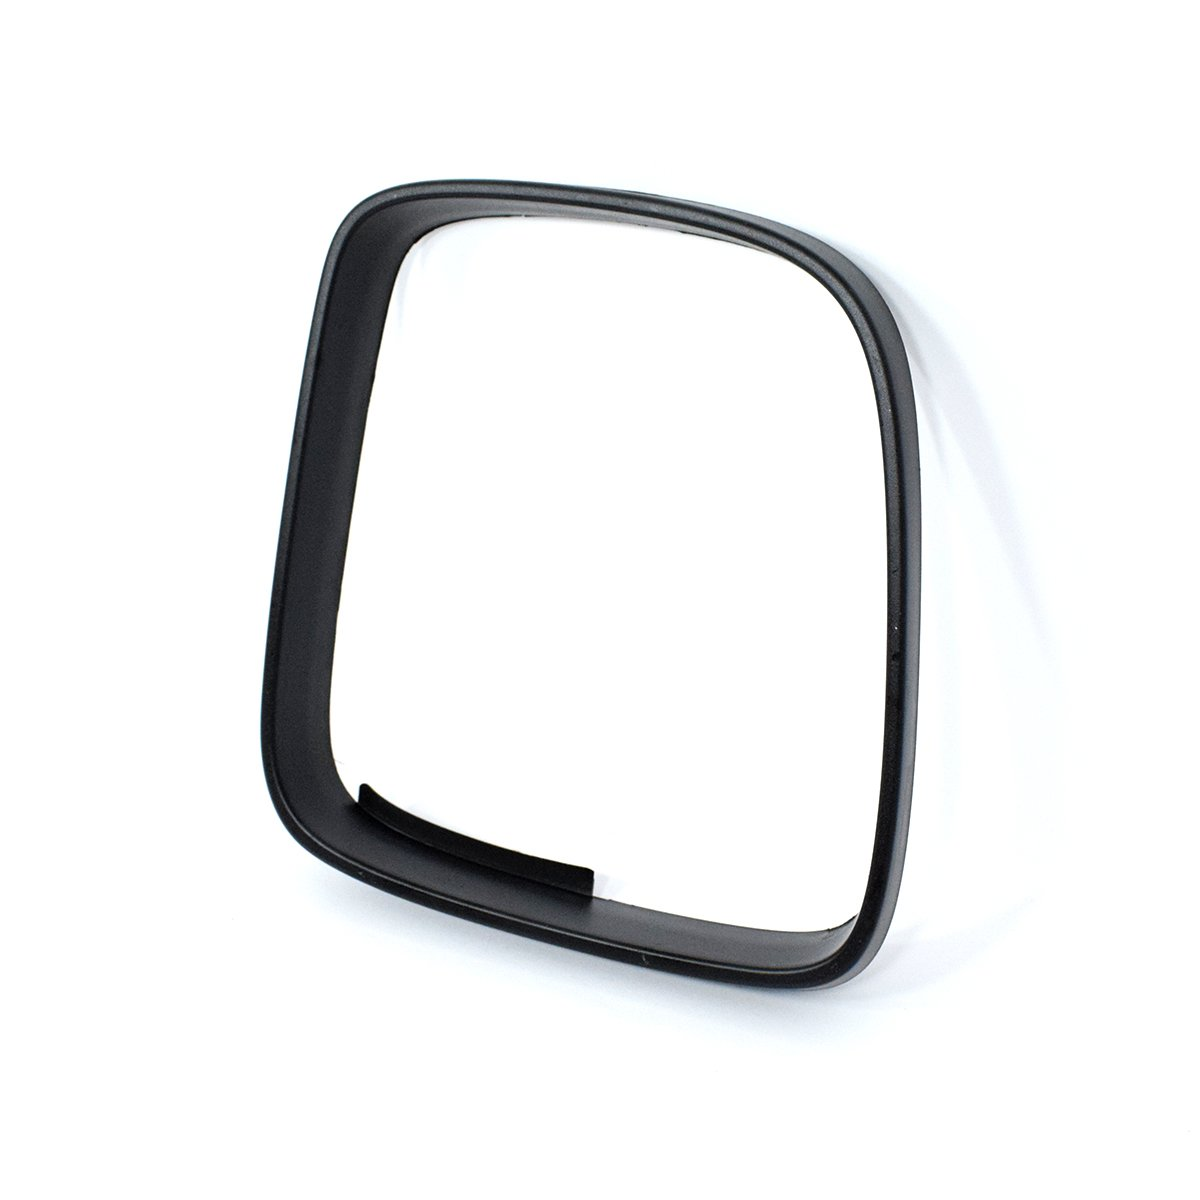 Rechts Aussenspiegel Spiegelkappe Spiegel Abdeckung Spiegelglas Ersatzspiegel Beheizbar Geh/äuse